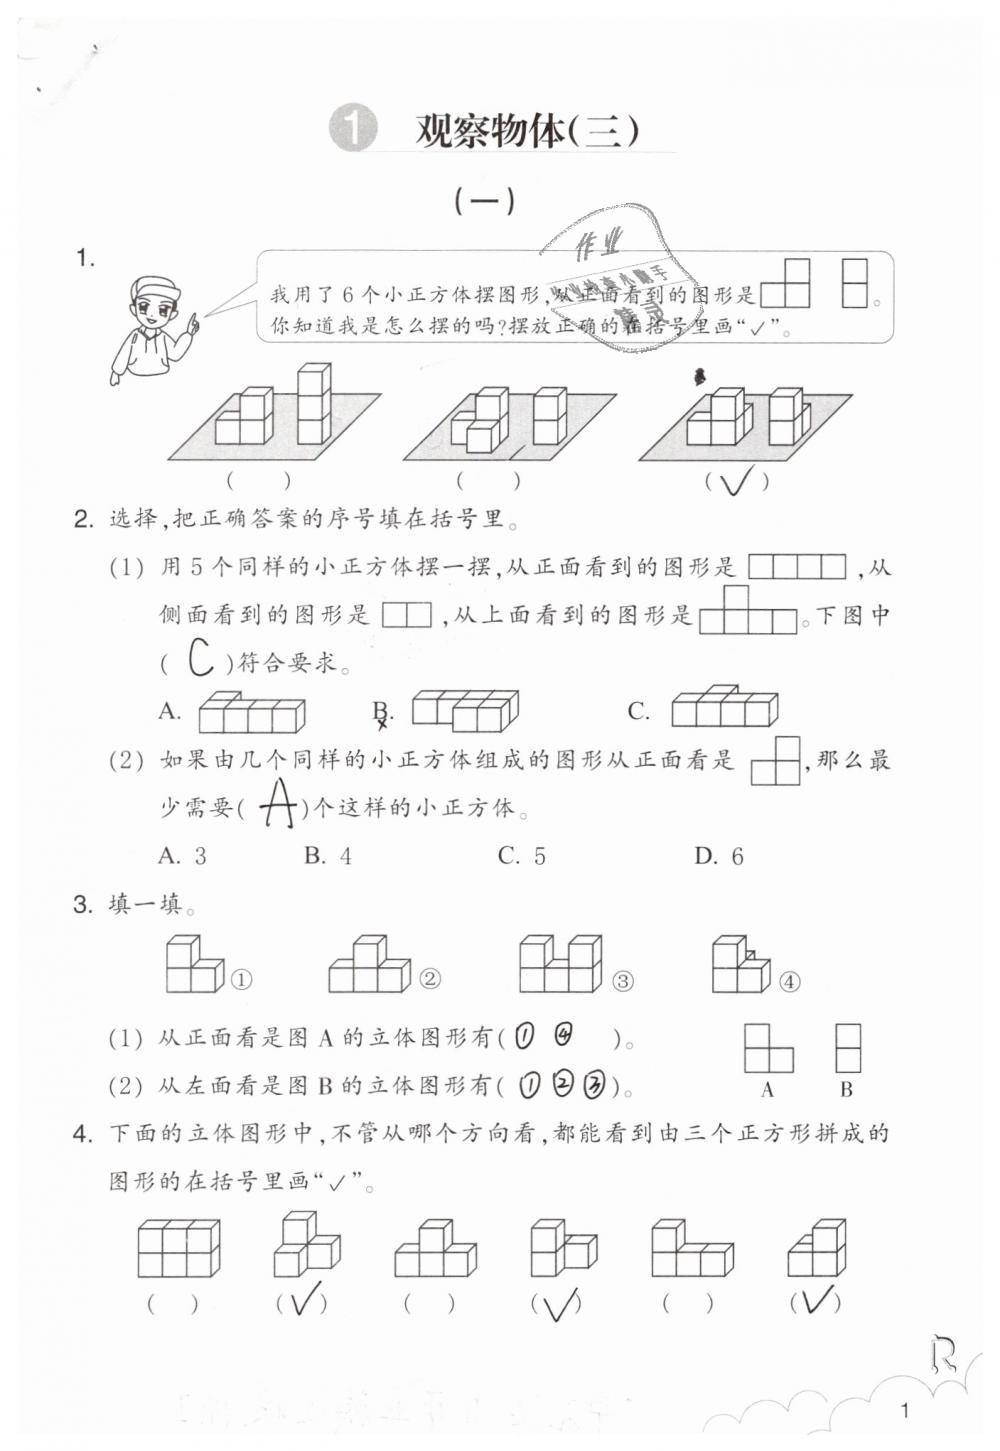 2020年数学作业本五年级下册人教版浙江教育出版社第1页